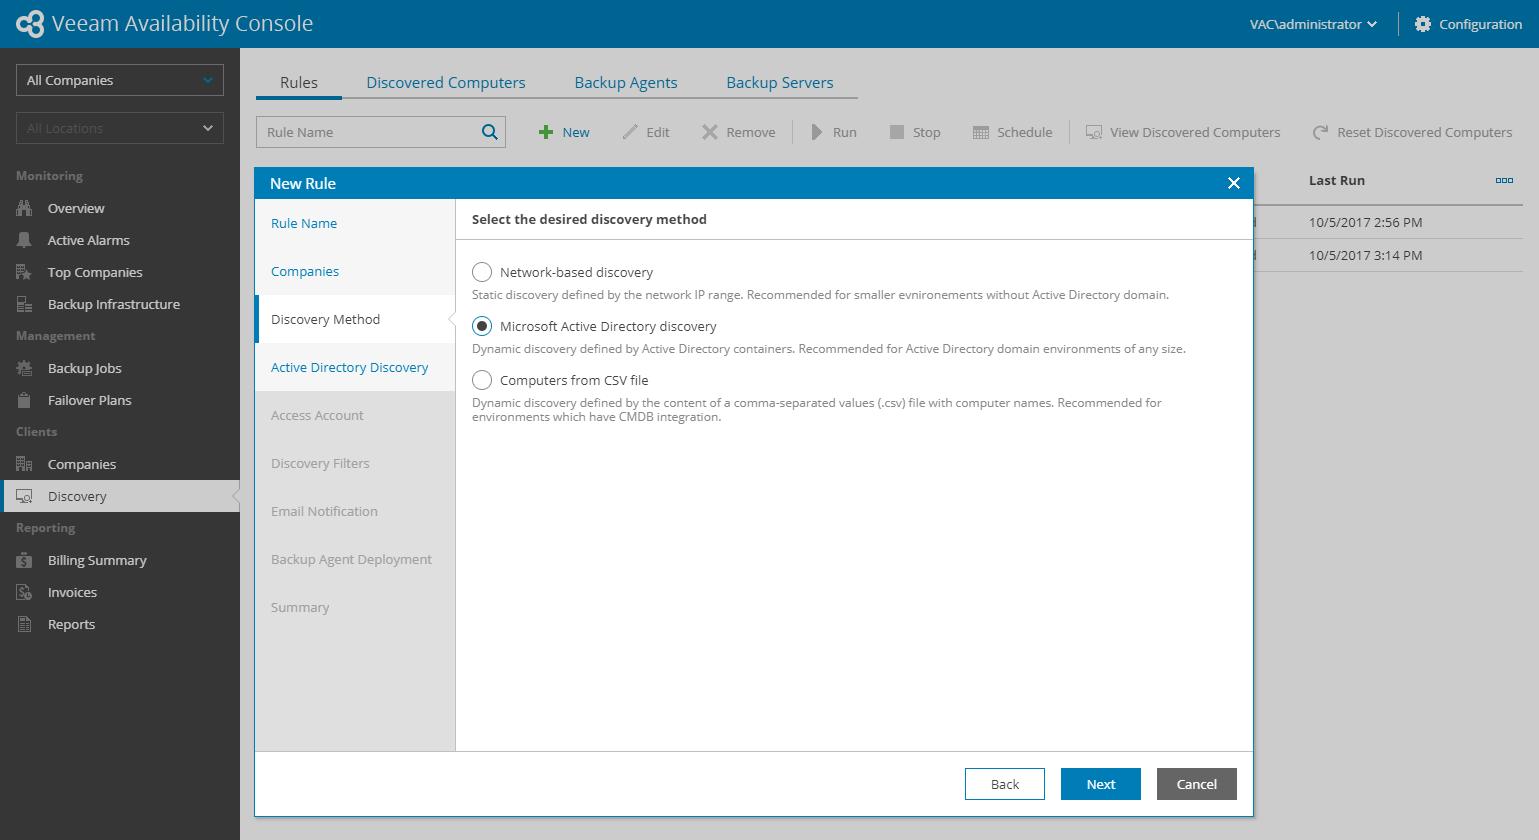 Новый бесплатный продукт Veeam Availability Console для сервис-провайдеров и крупных компаний - 6